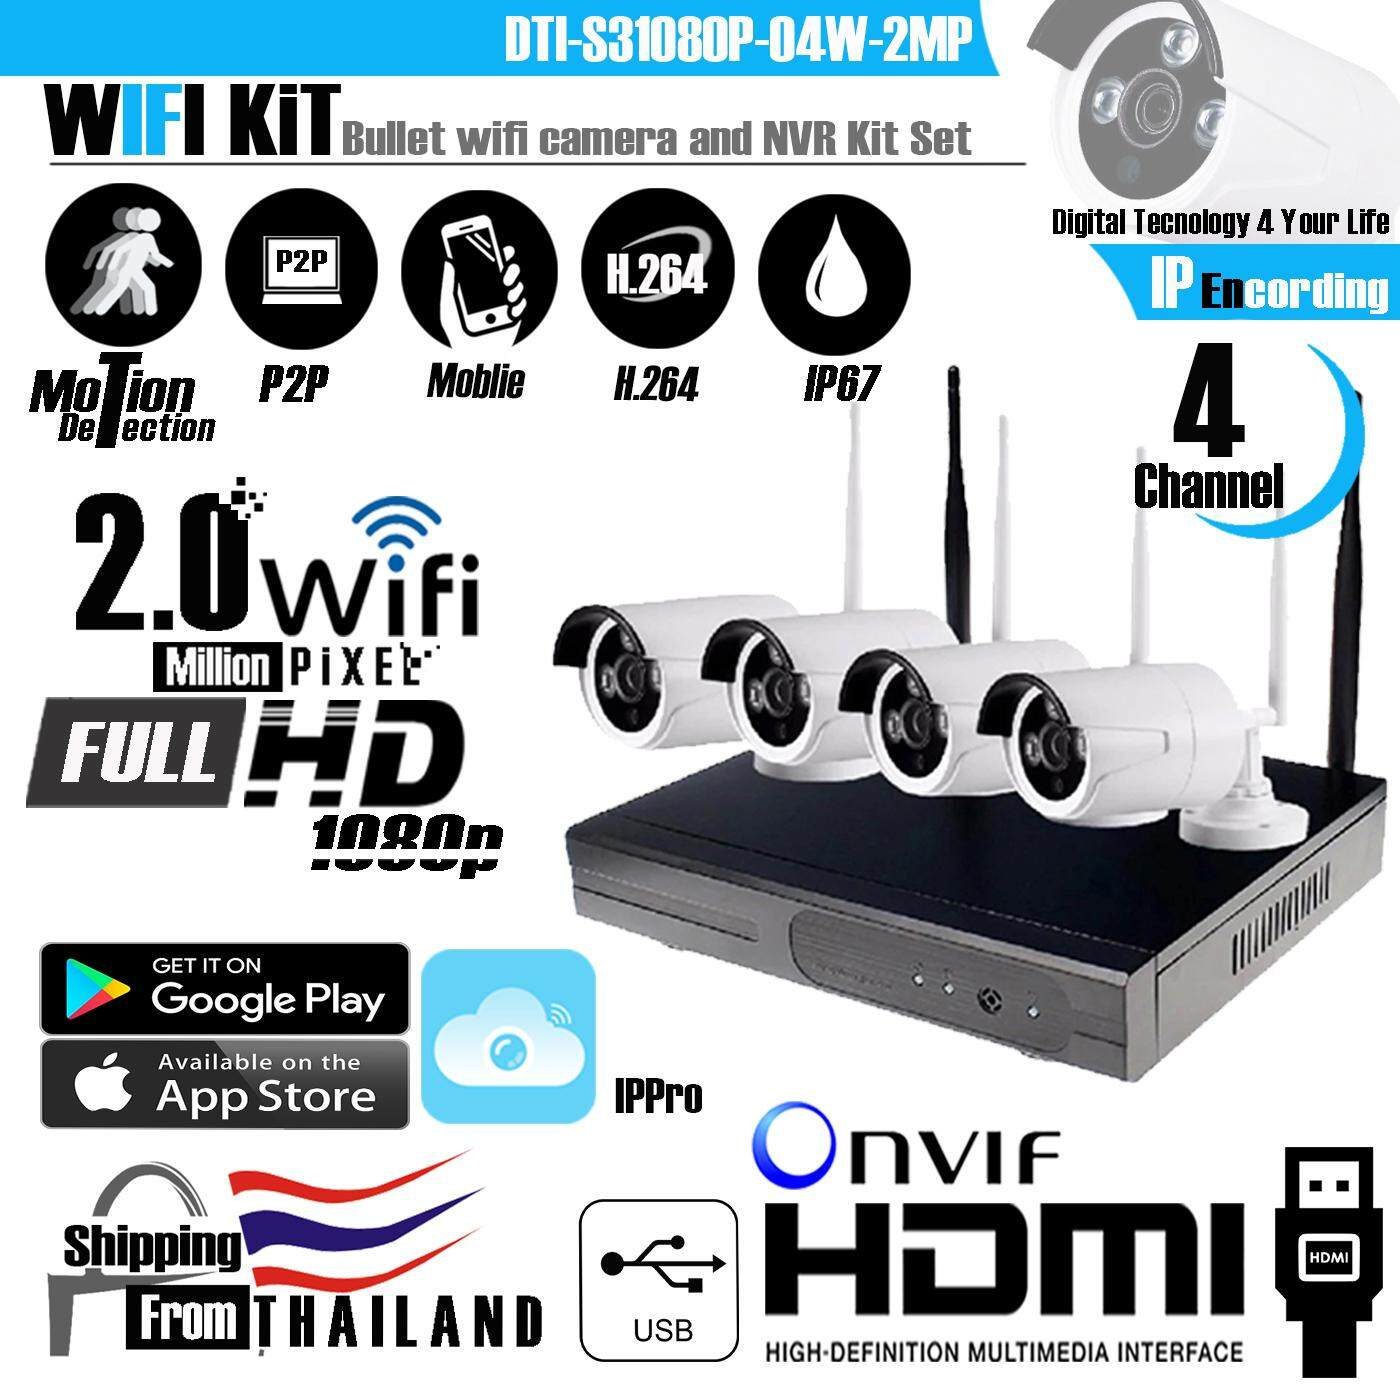 ใช้ได้ผลจริง ชุดกล้องวงจรปิด 4CH IP Wifi Kit Set 2.0 MP ล้านพิกเซล กล้อง 4 ตัว ทรงกระบอก HD 1080P อินฟราเรดล่าสุด เครื่องบันทึก HD 4CH เลนส์ 3.6mm Wi - fi Wireless ฟรีอะแดปเตอร์ ลดส่งท้ายปี